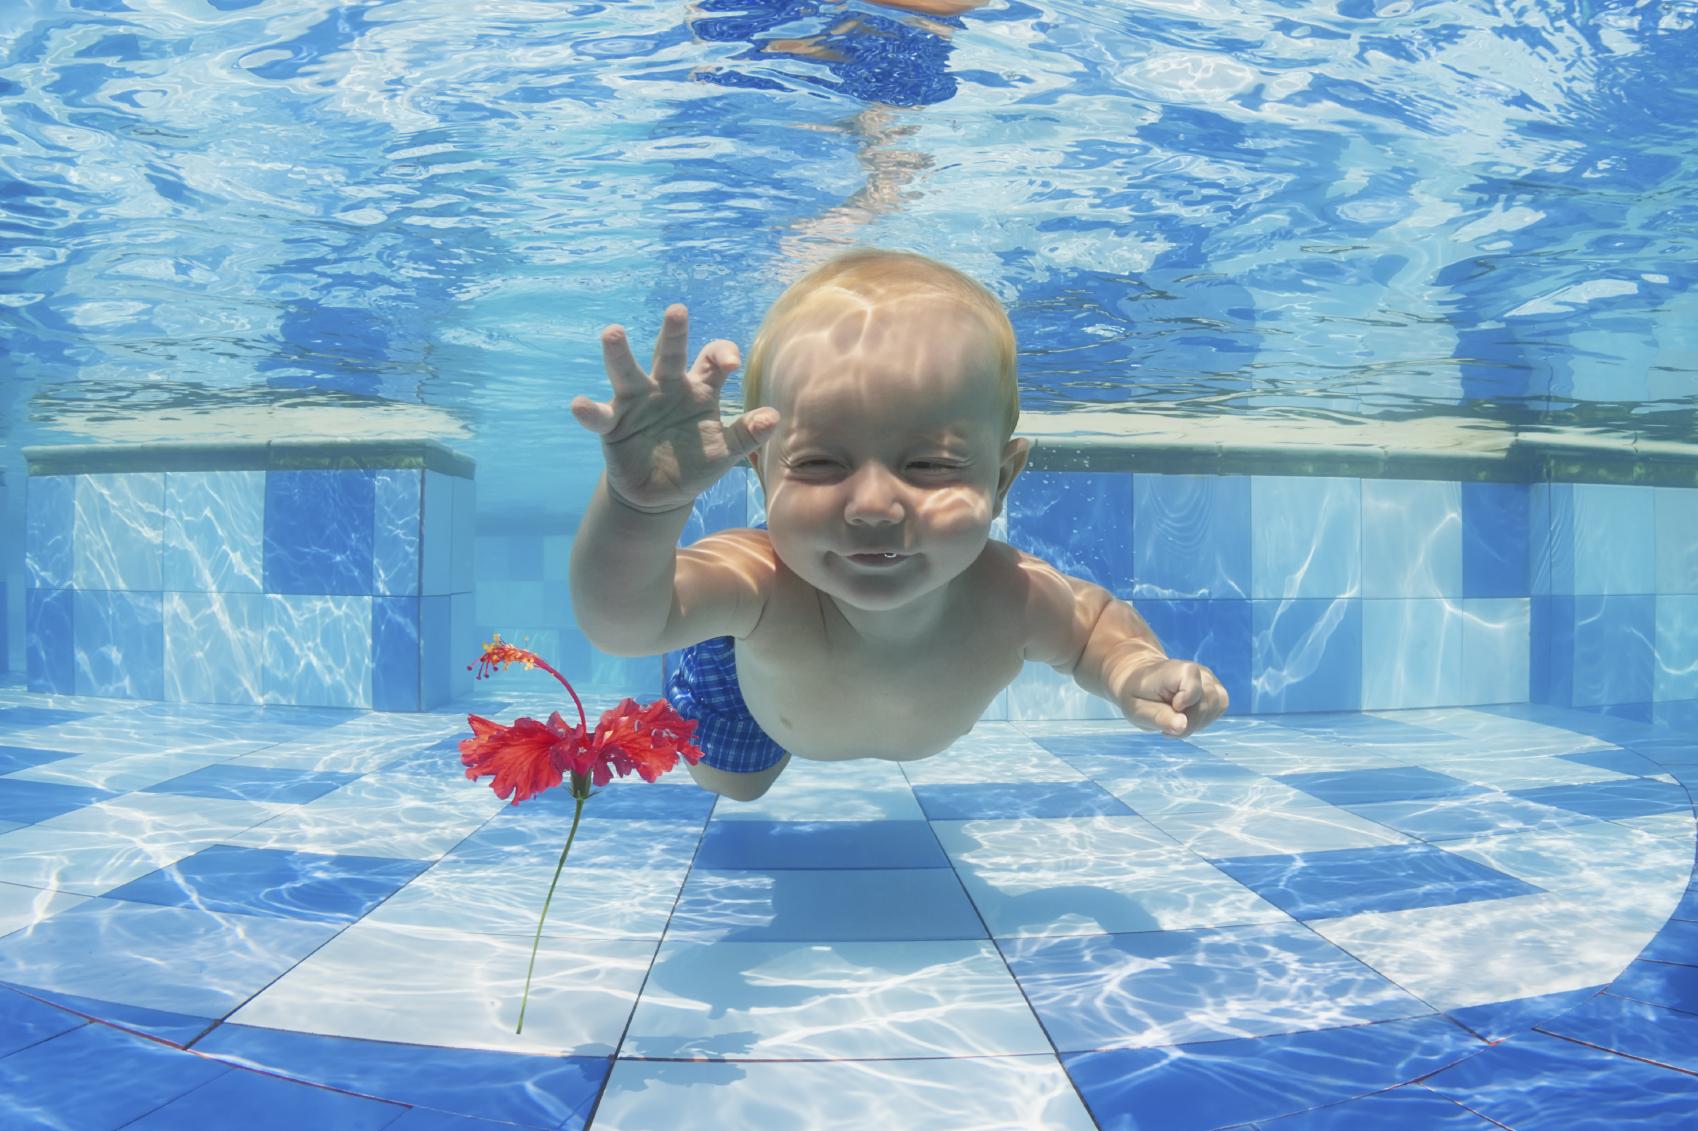 نتيجة بحث الصور عن الالتهابات التناسلية من السباحة للاطفال